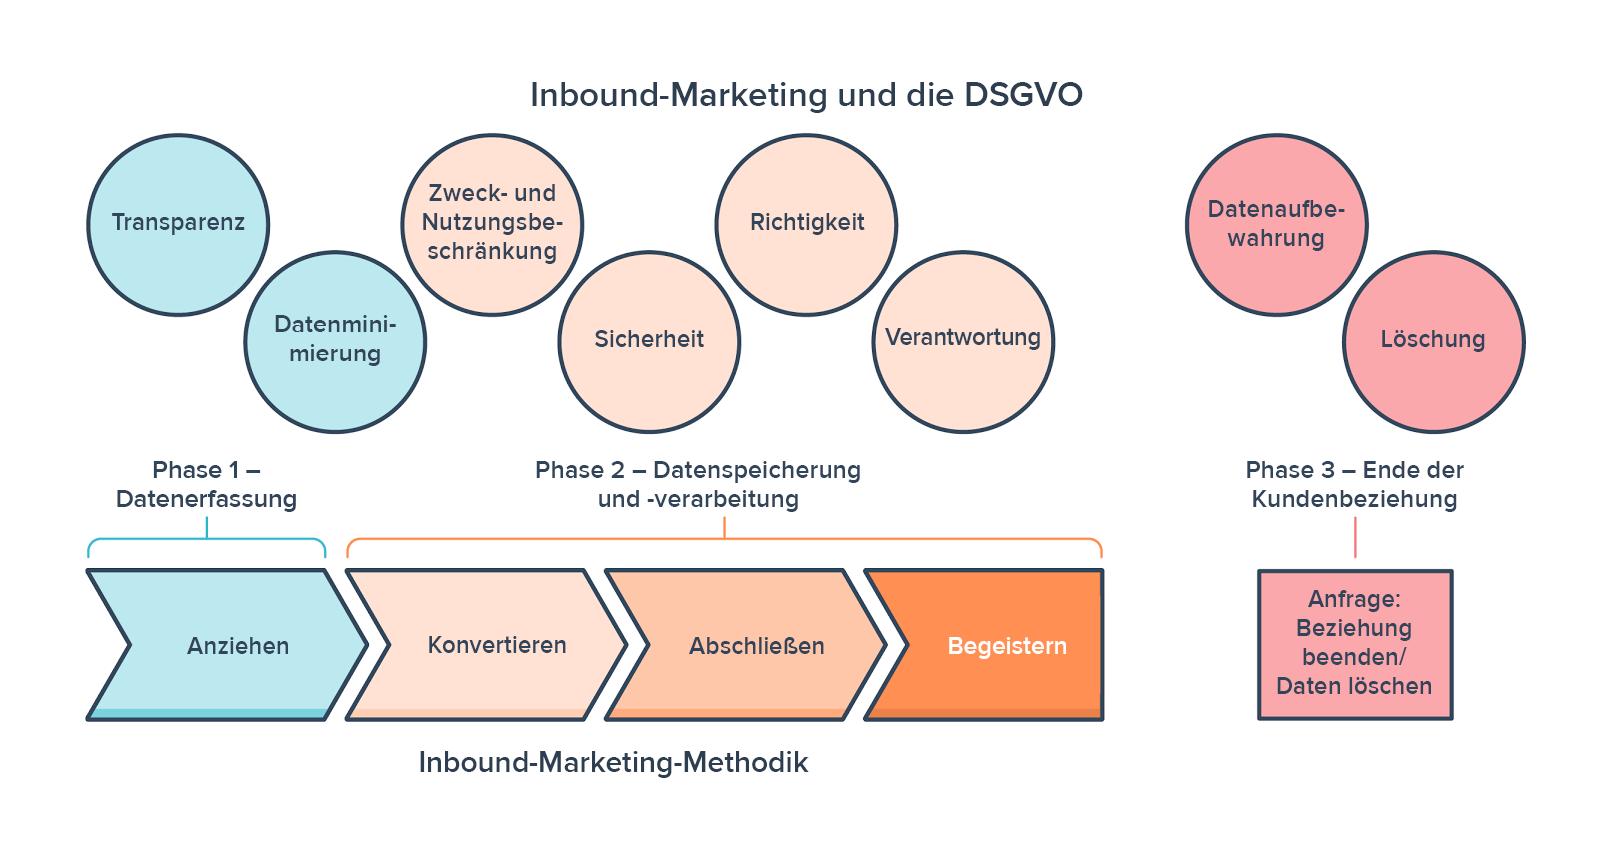 Die Inbound-Marketing-Methodik im Rahmen der DSGVO